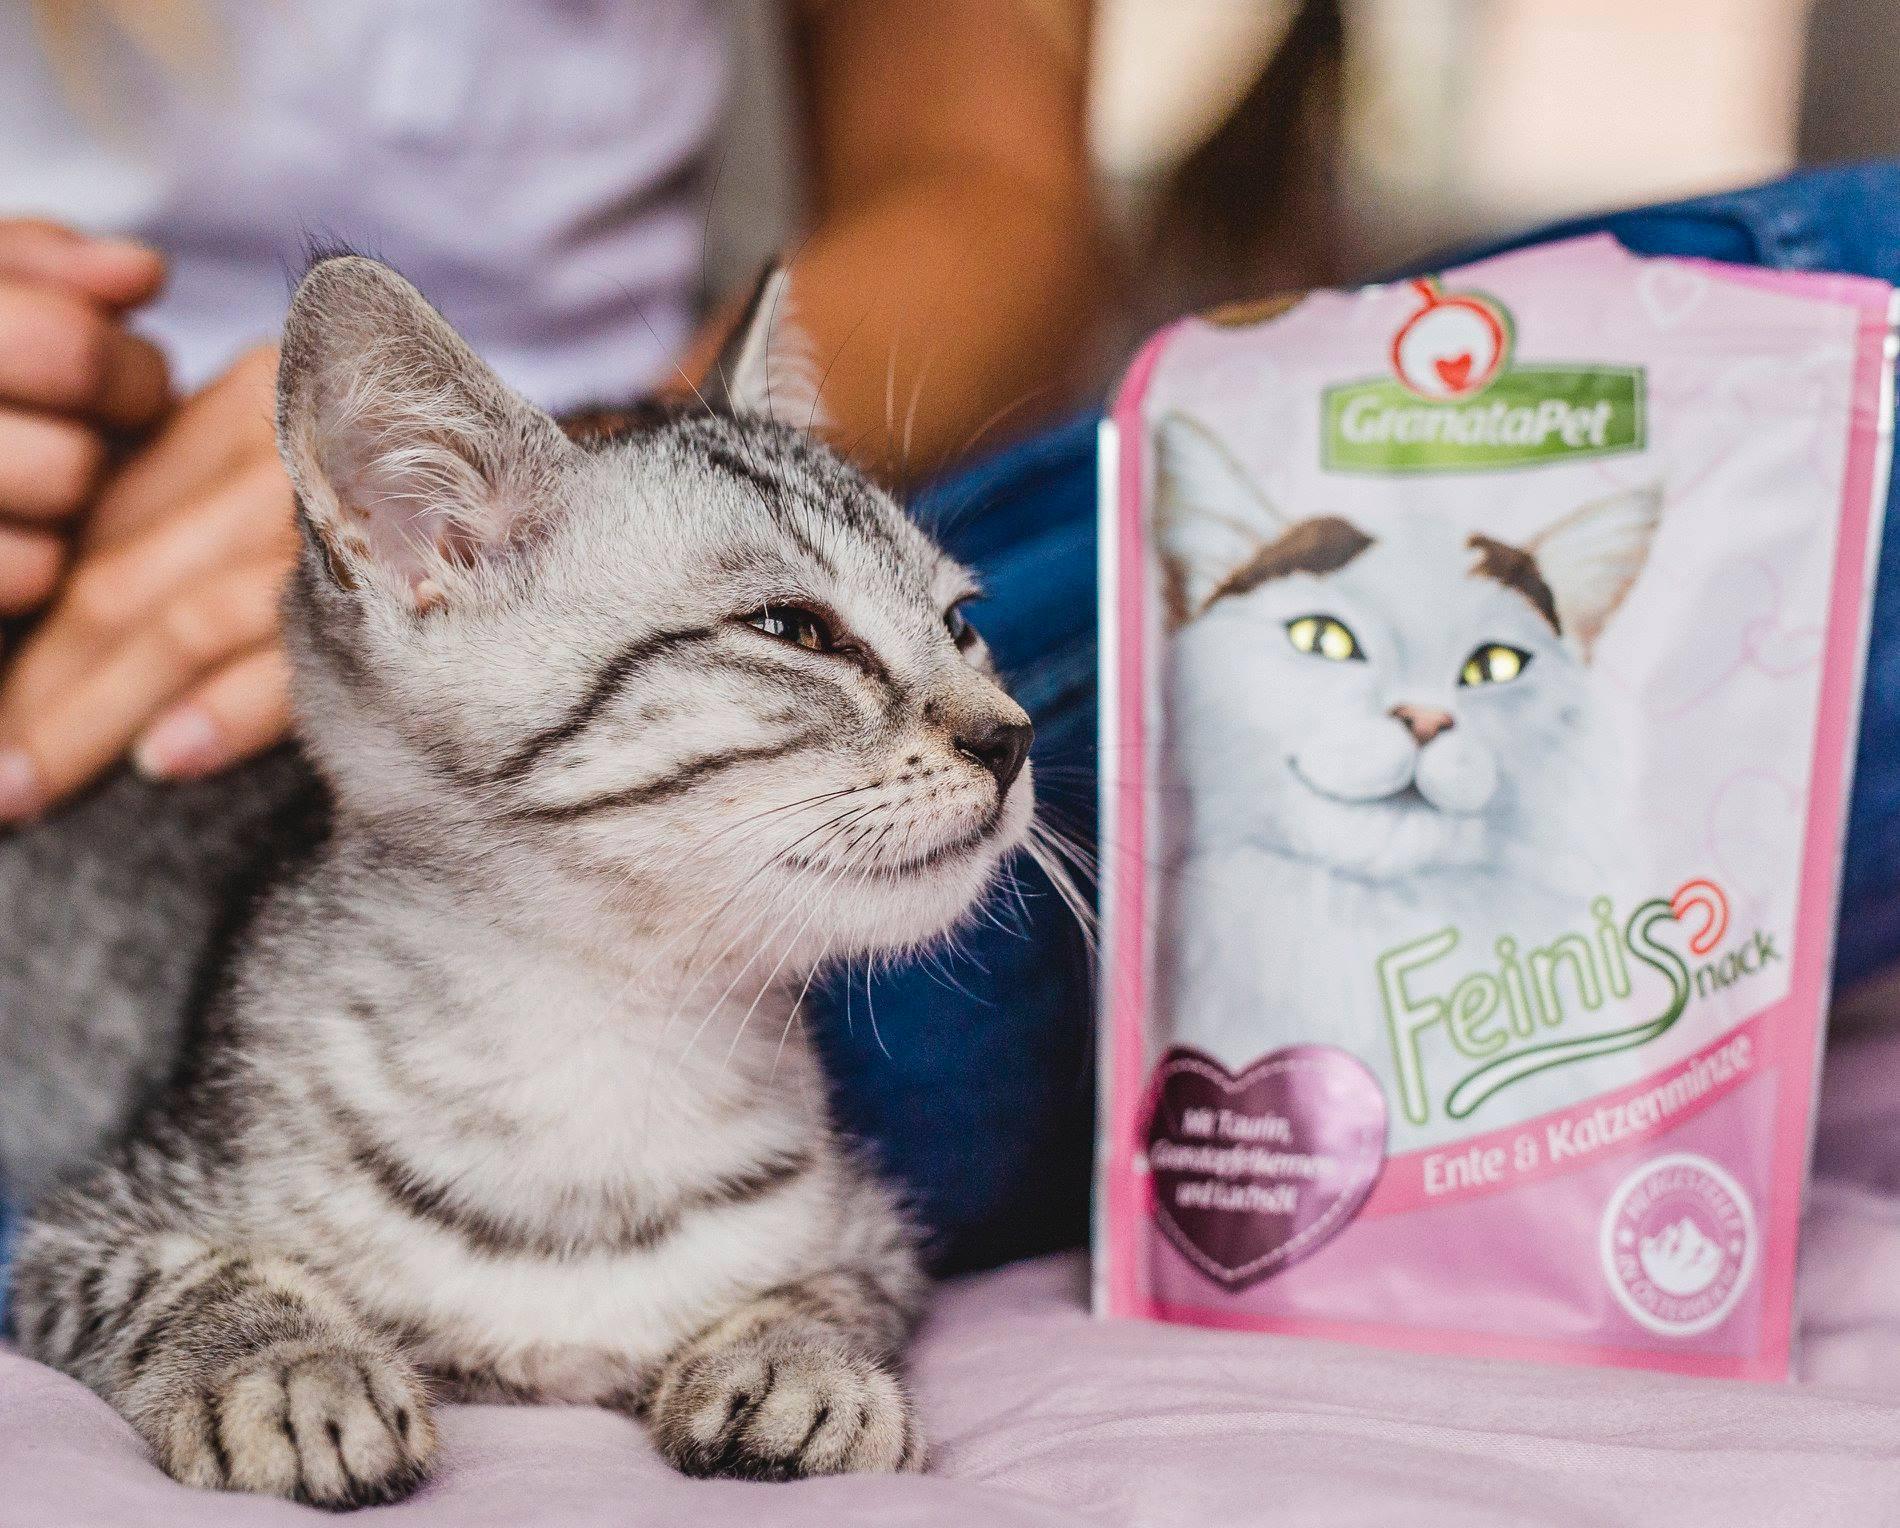 cat_feinis.jpg